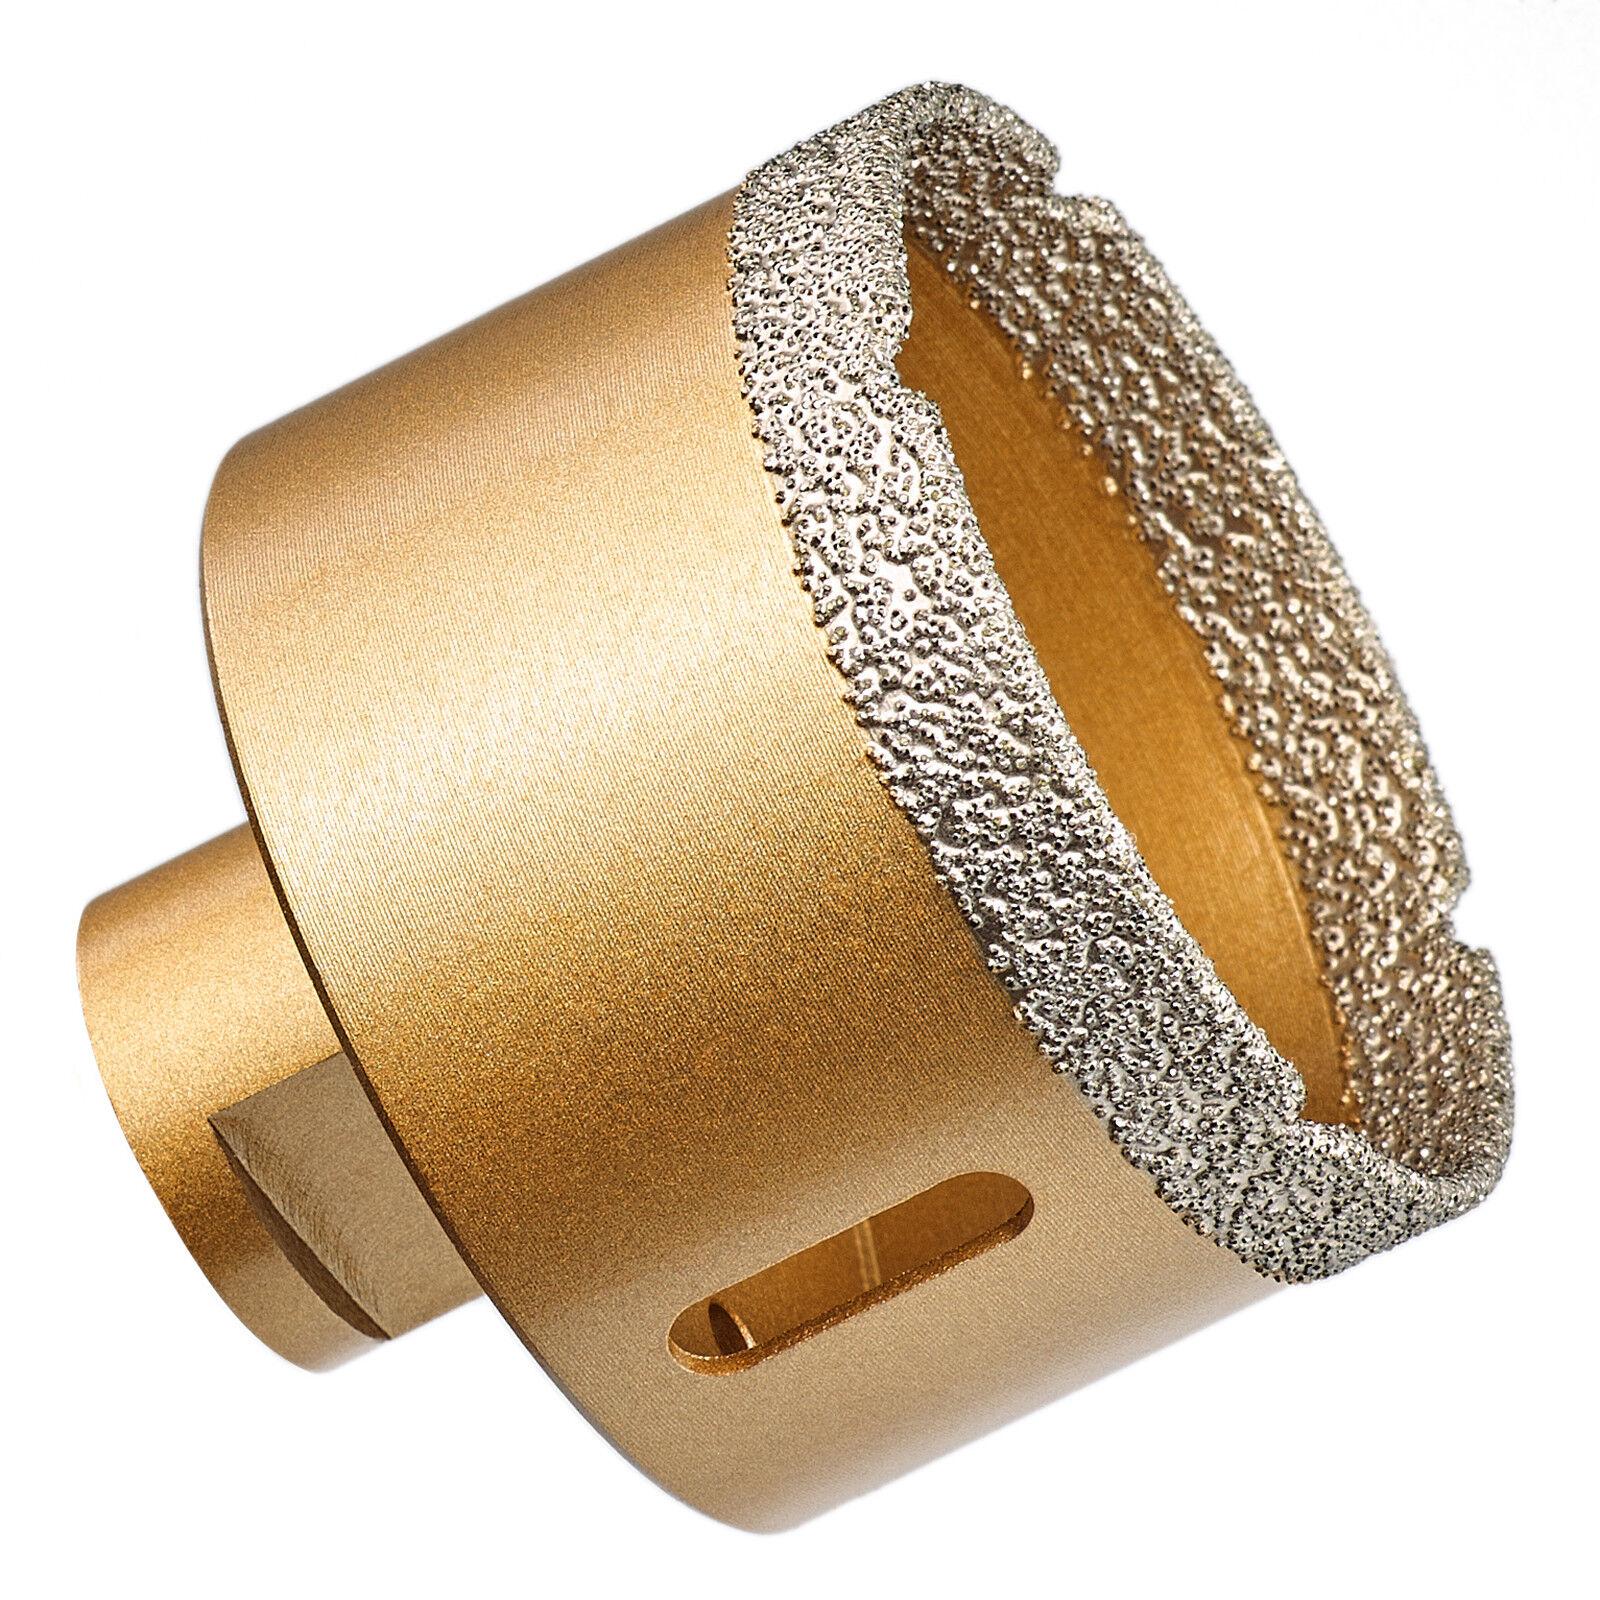 GraniFix® Ø 6-120mm Diamantbohrkrone M14 Fliesenbohrer Fliesenbohrer Fliesenbohrer für Fliesen Granit Marmor   Smart    Online Outlet Store    Hohe Qualität und geringer Aufwand  d86b23